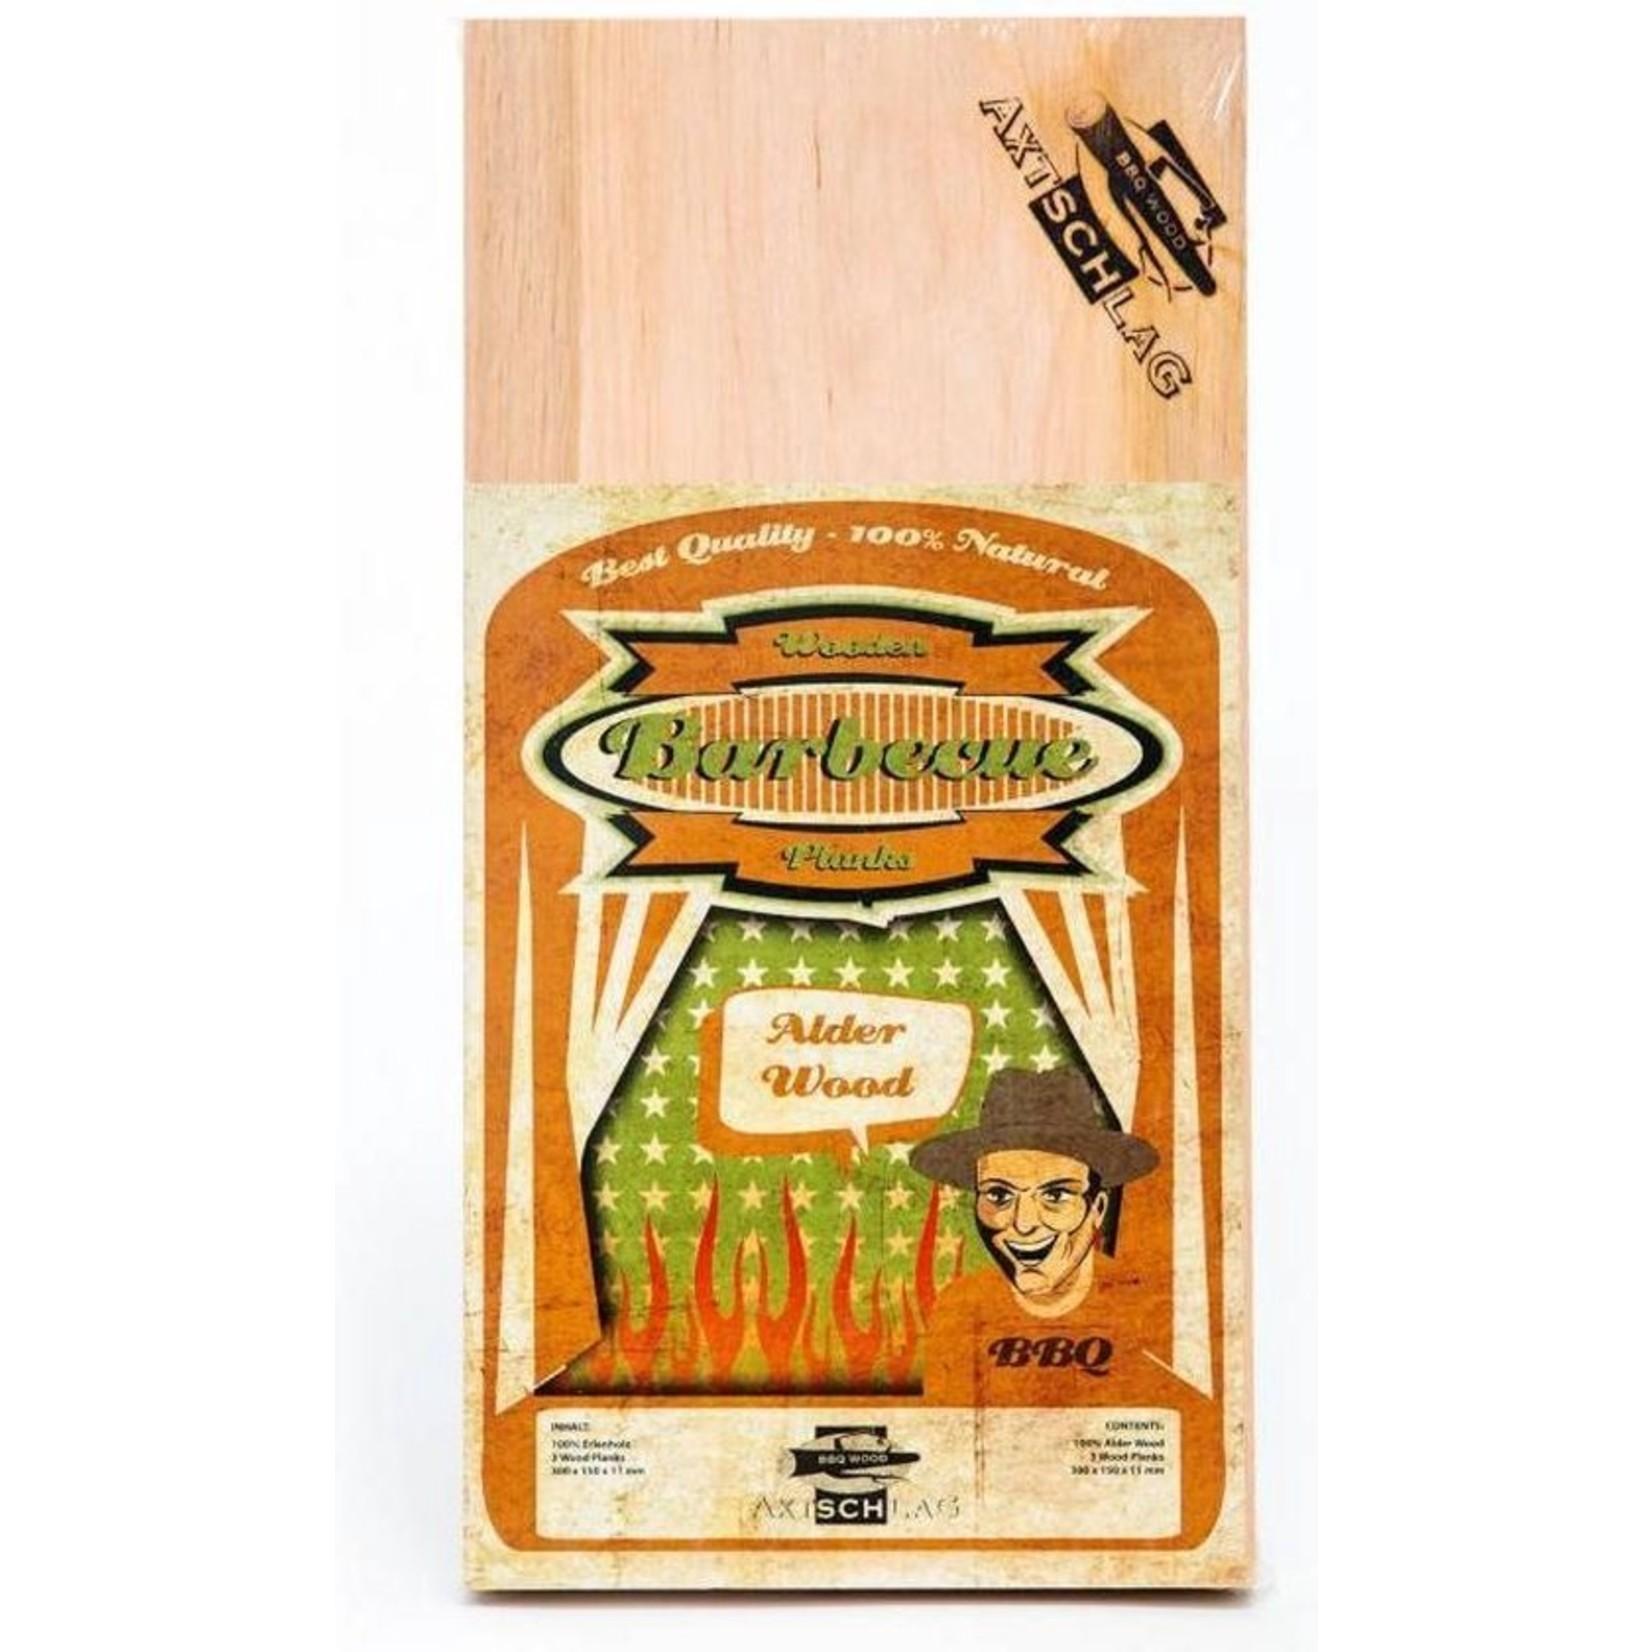 Axtschlag Axtschlag bbq plank alder wood